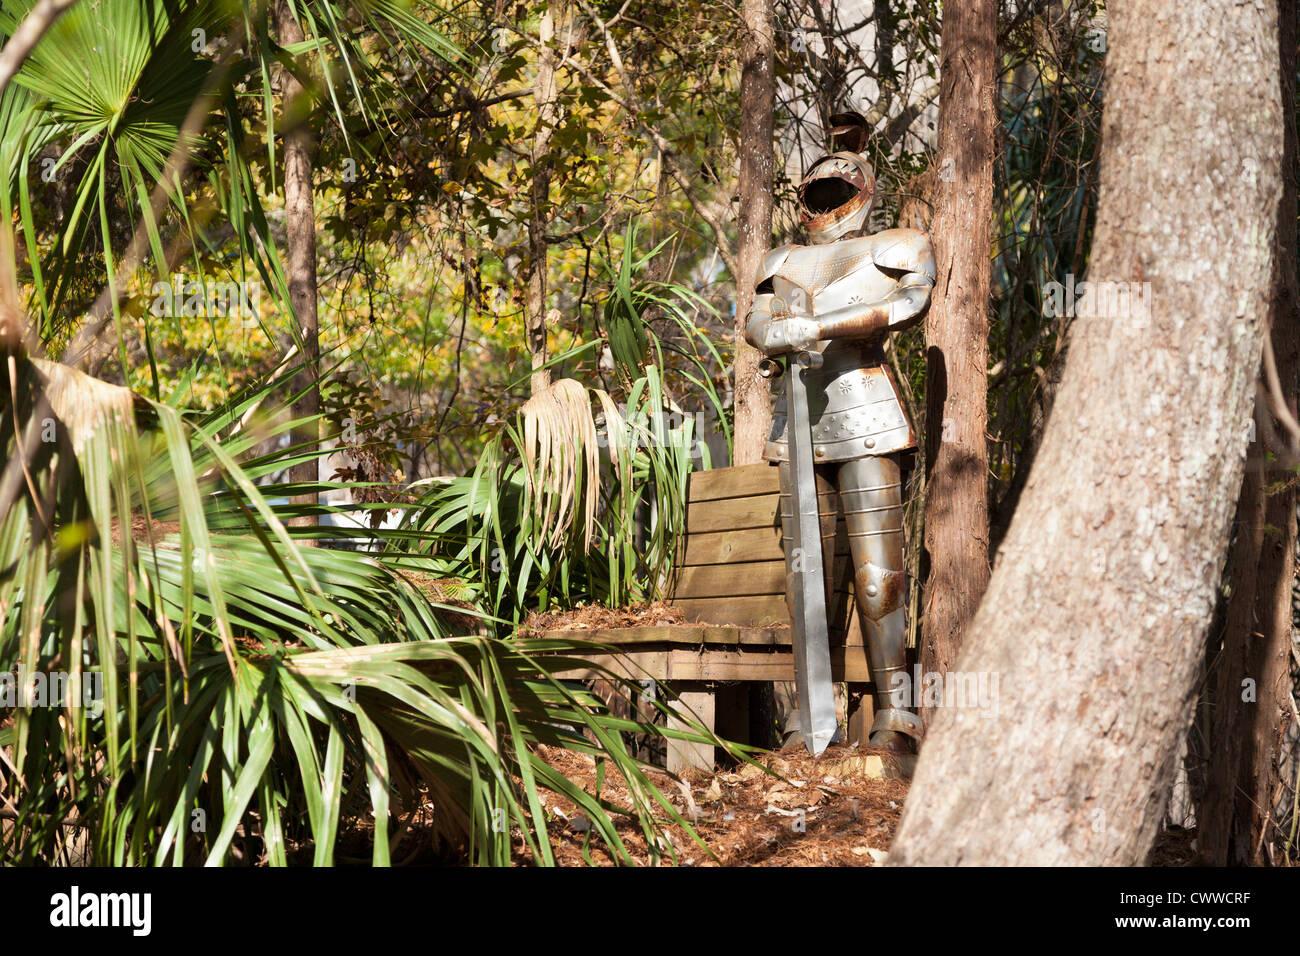 Armadura de metal junto al banco para sentarse en la zona boscosa de ...